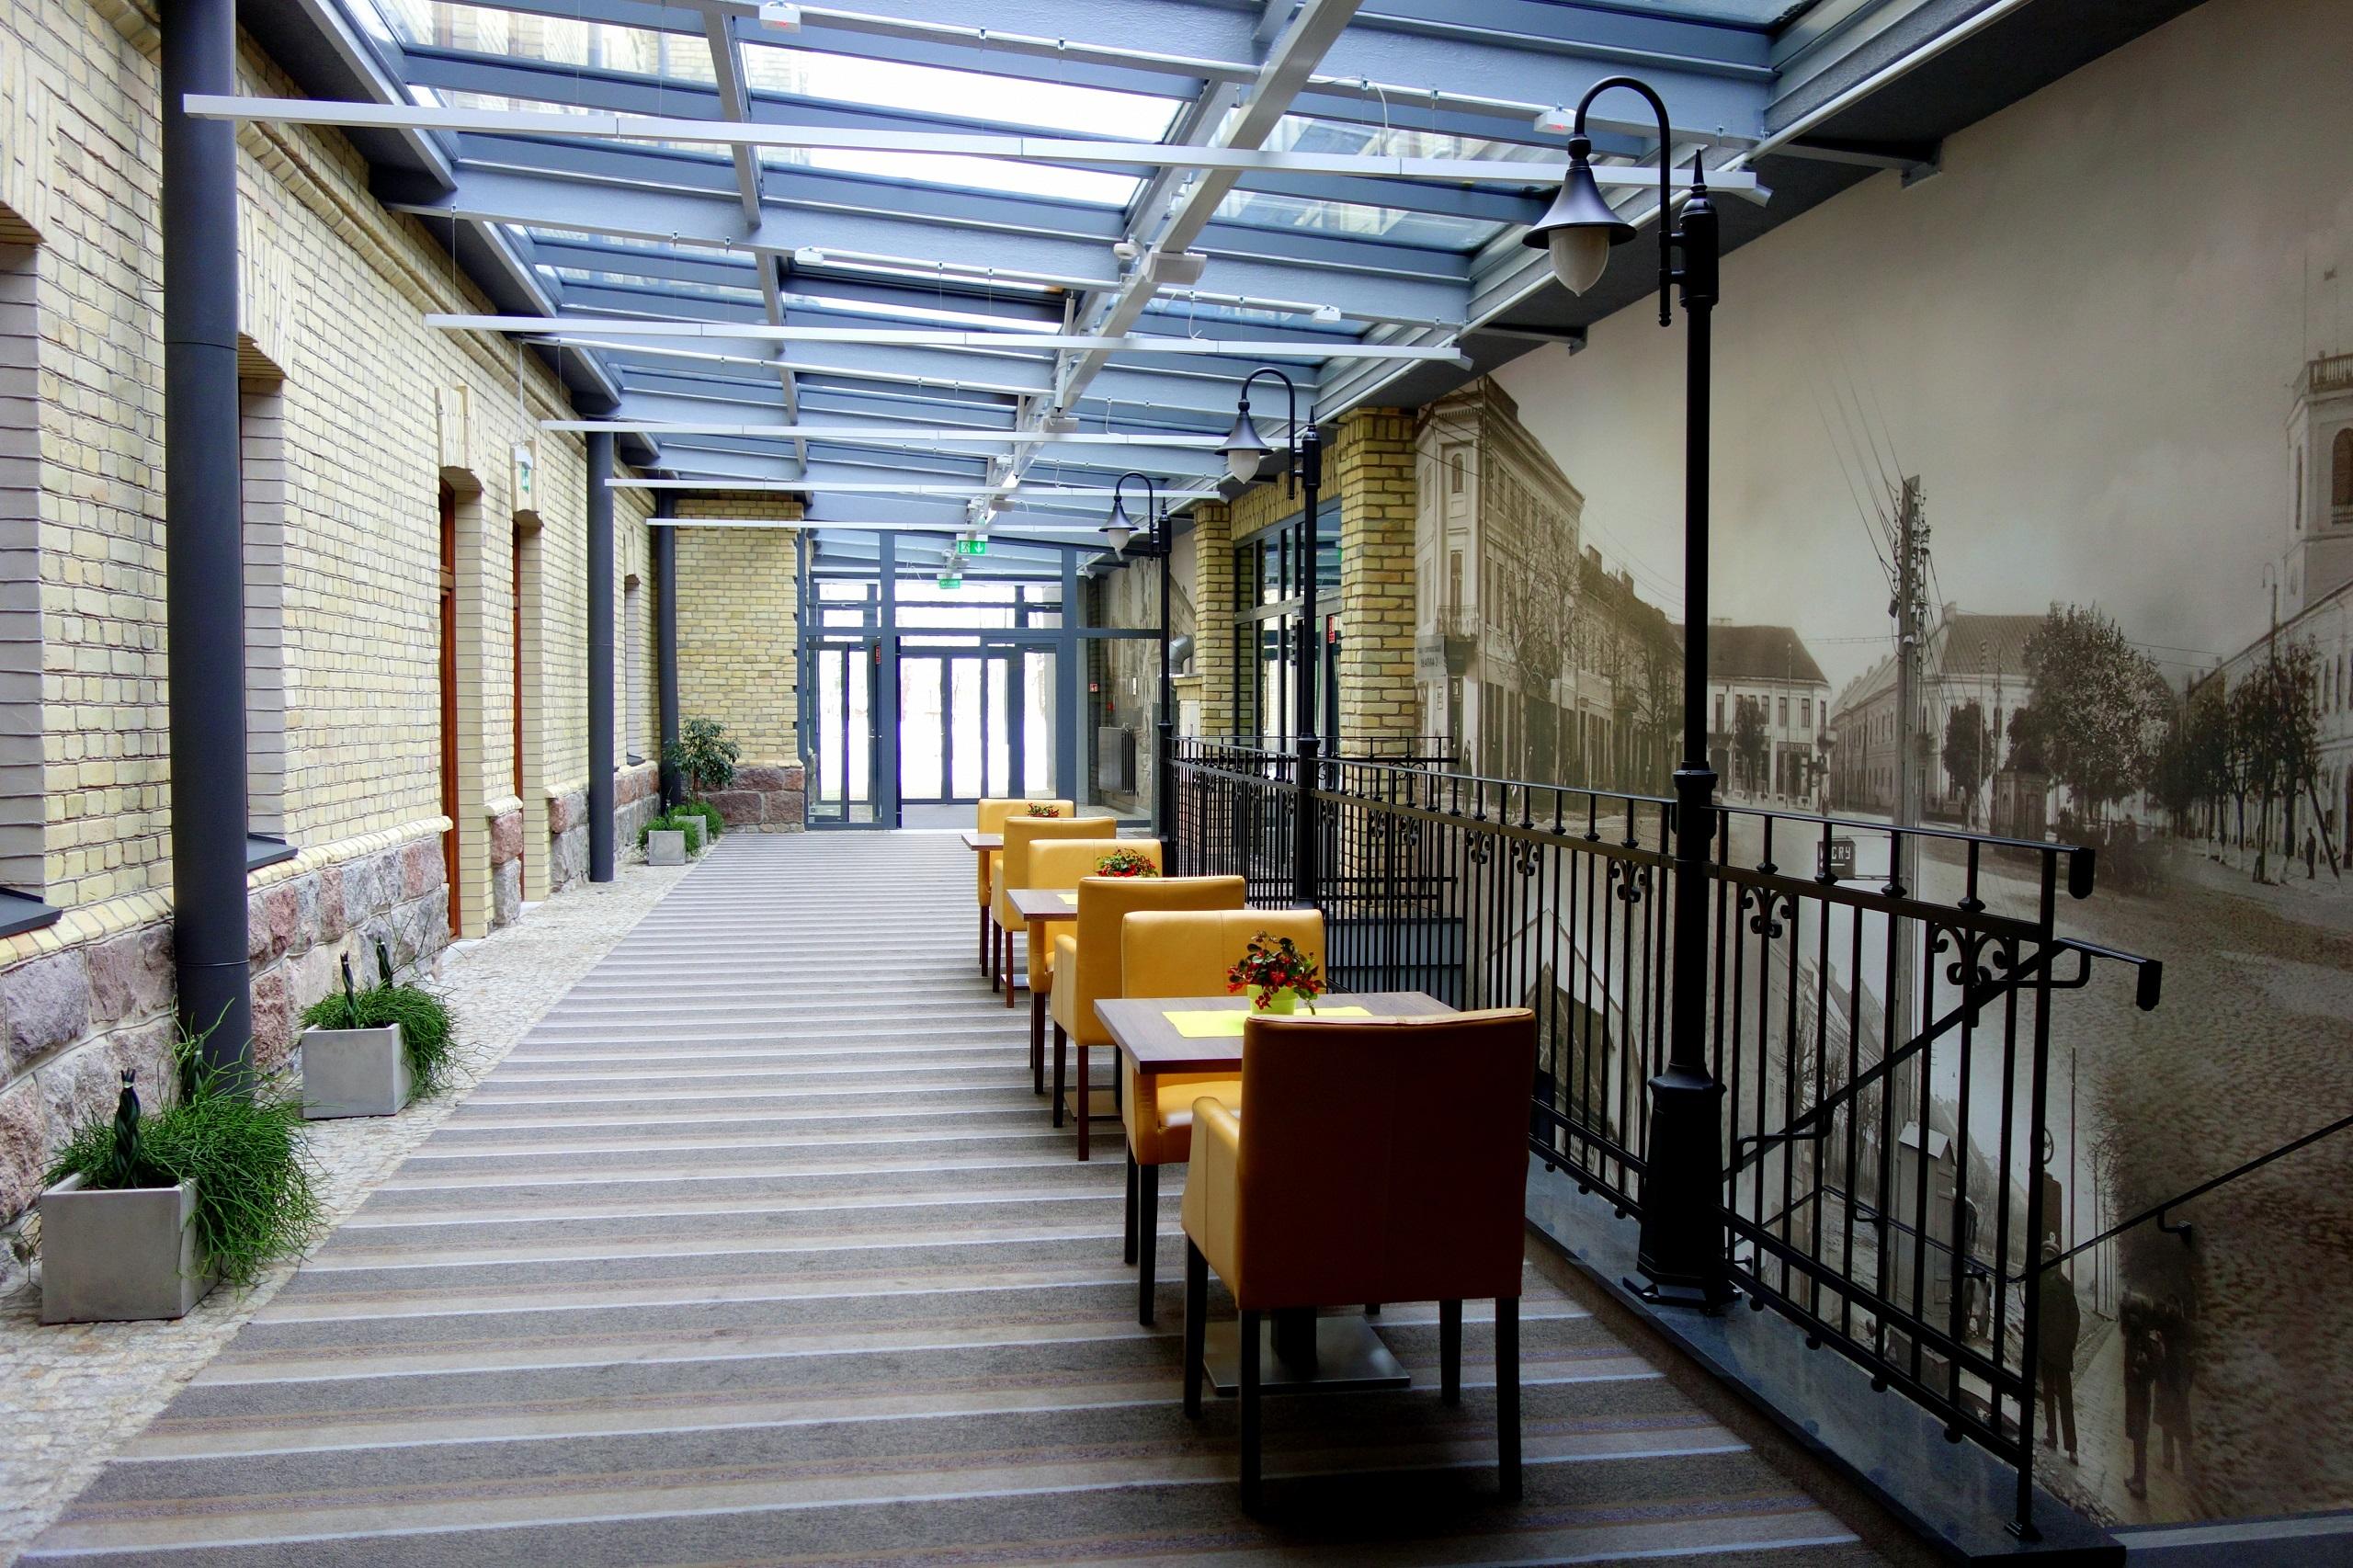 Hotel Loft 1898, Suwałki - hotelowa aleja